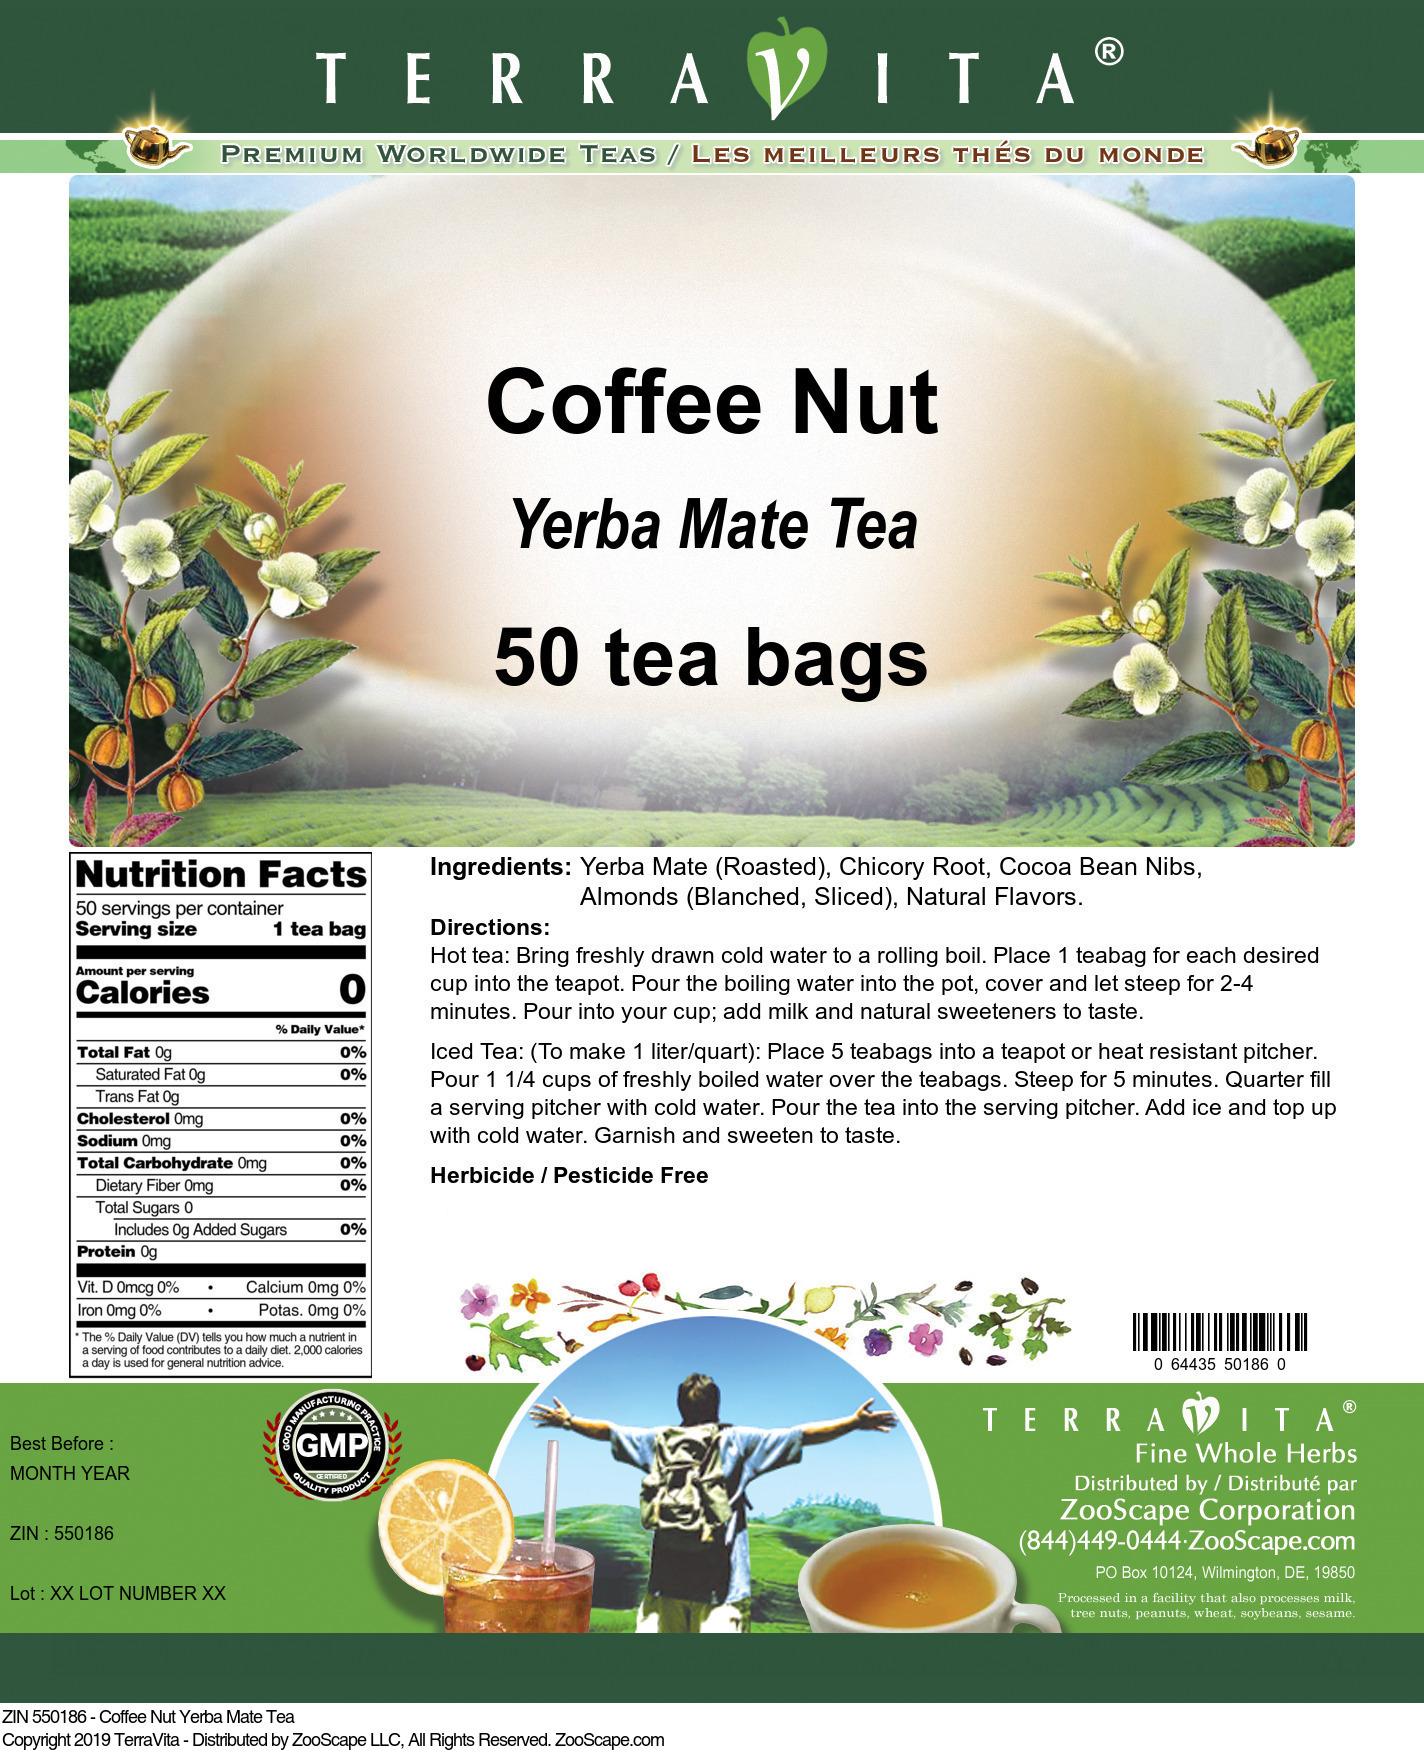 Coffee Nut Yerba Mate Tea